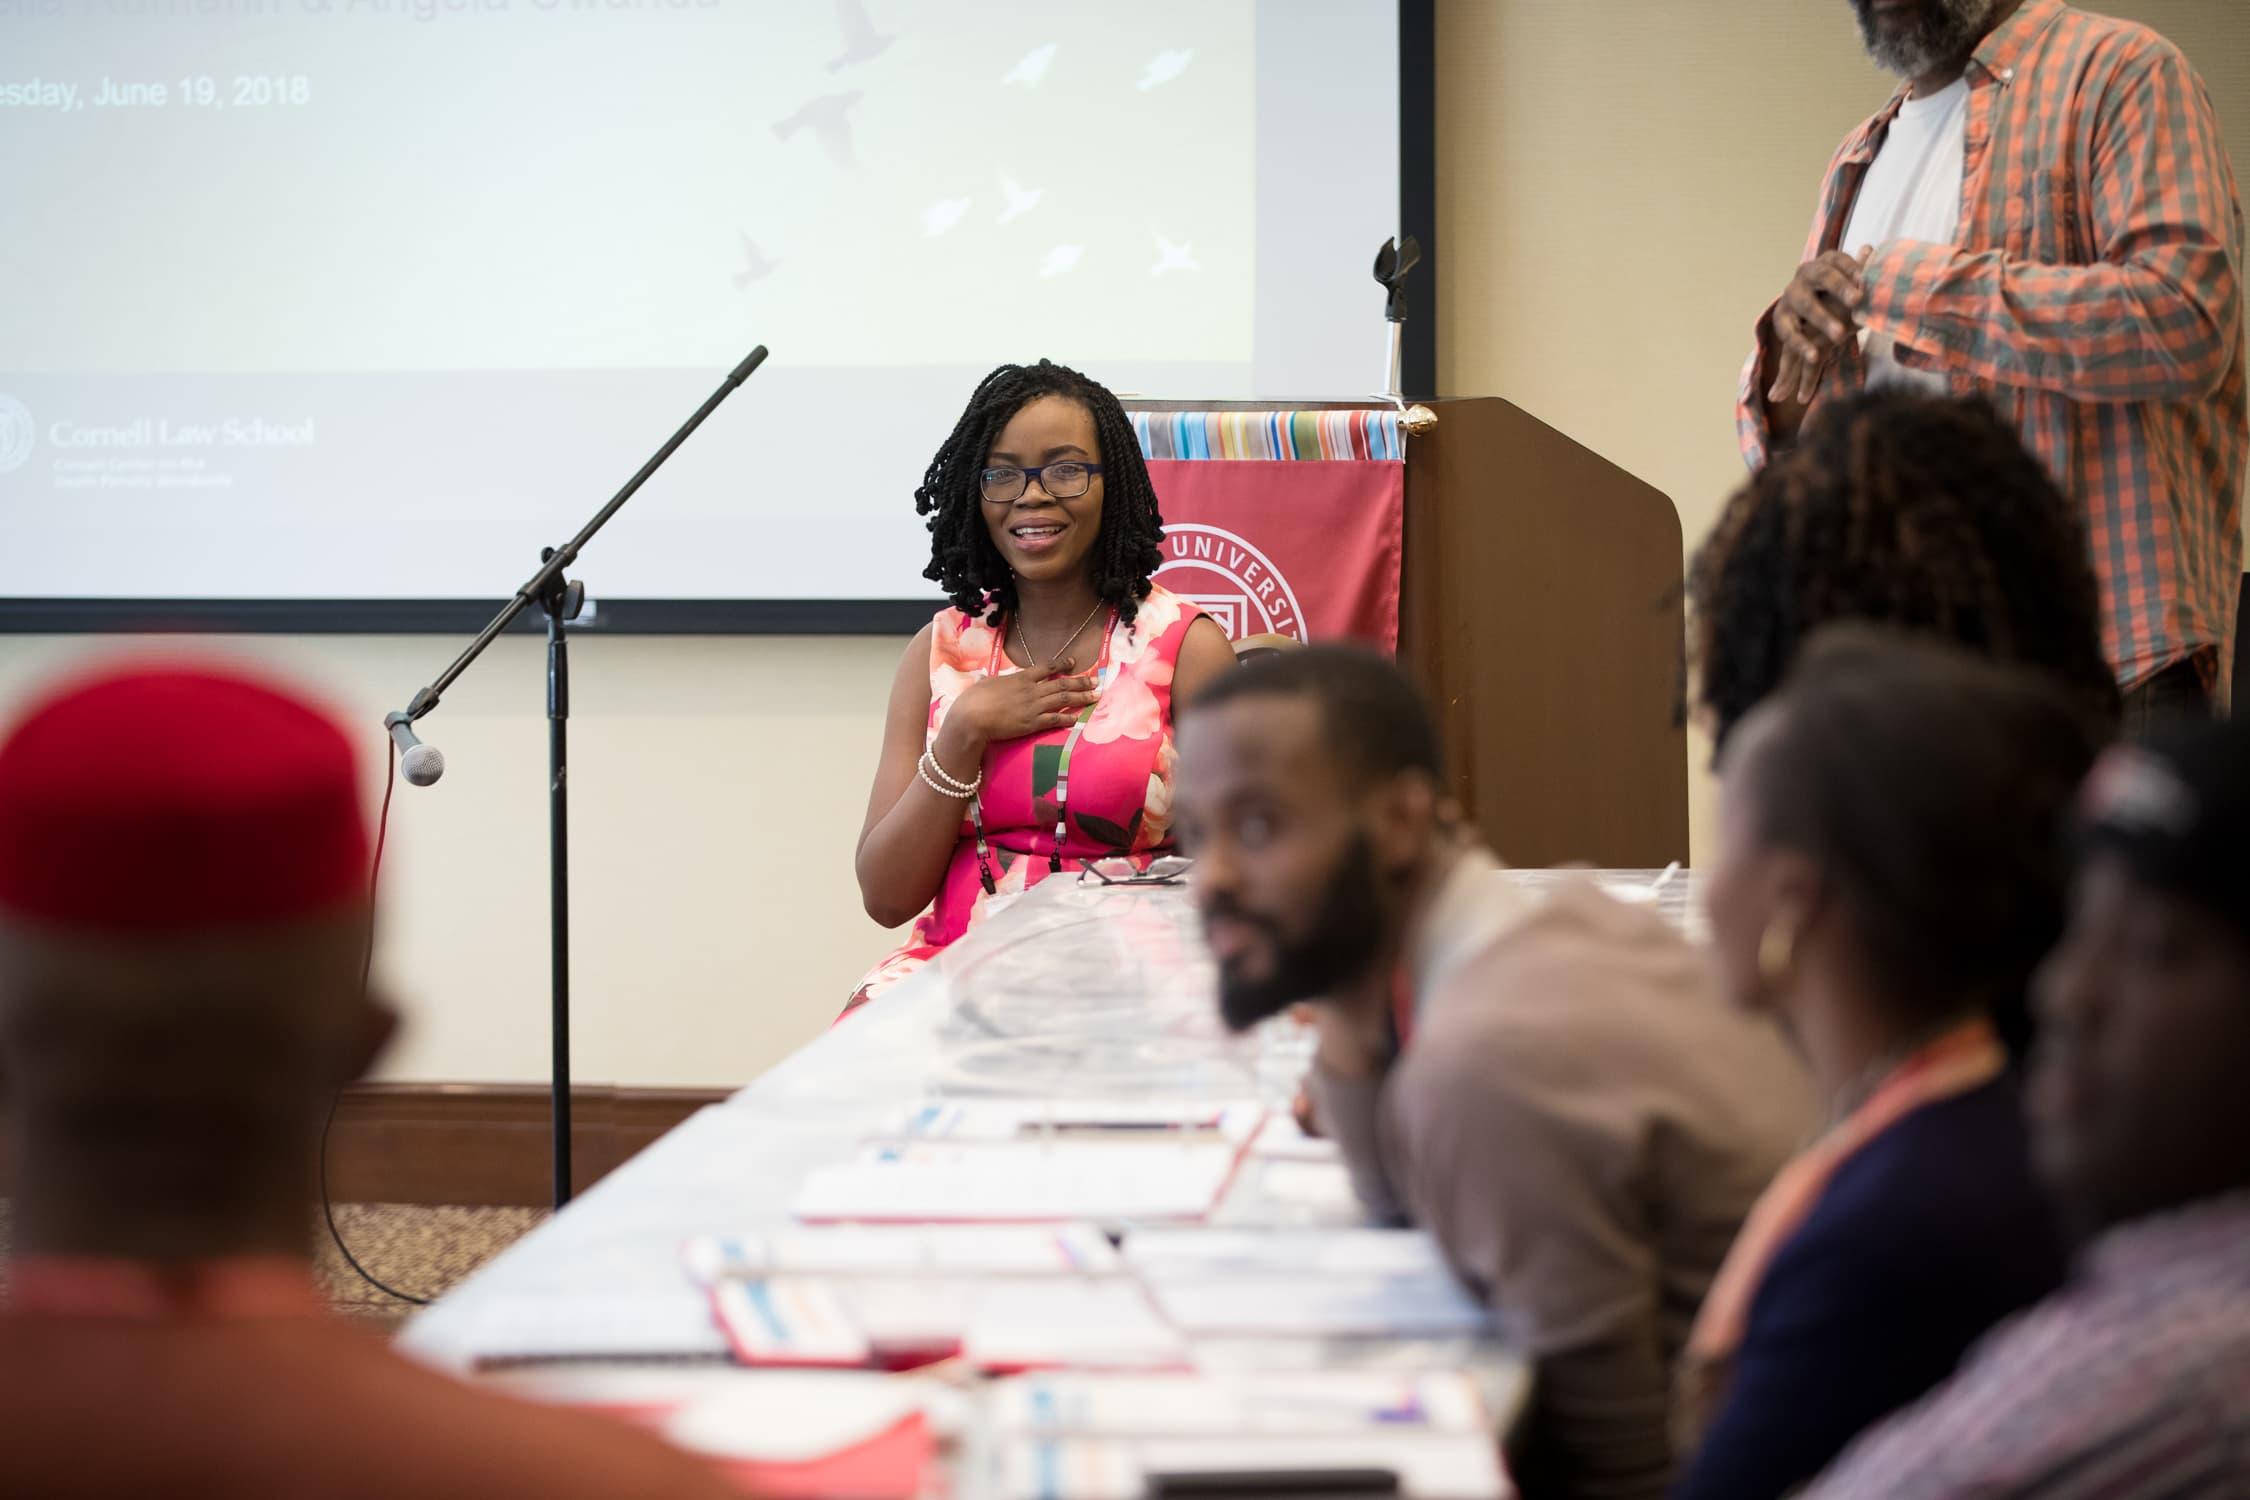 Une femme portant des lunettes et une robe rose parle à l'avant de la salle. Cinq personnes autour d'une table devant elle l'écoutent.